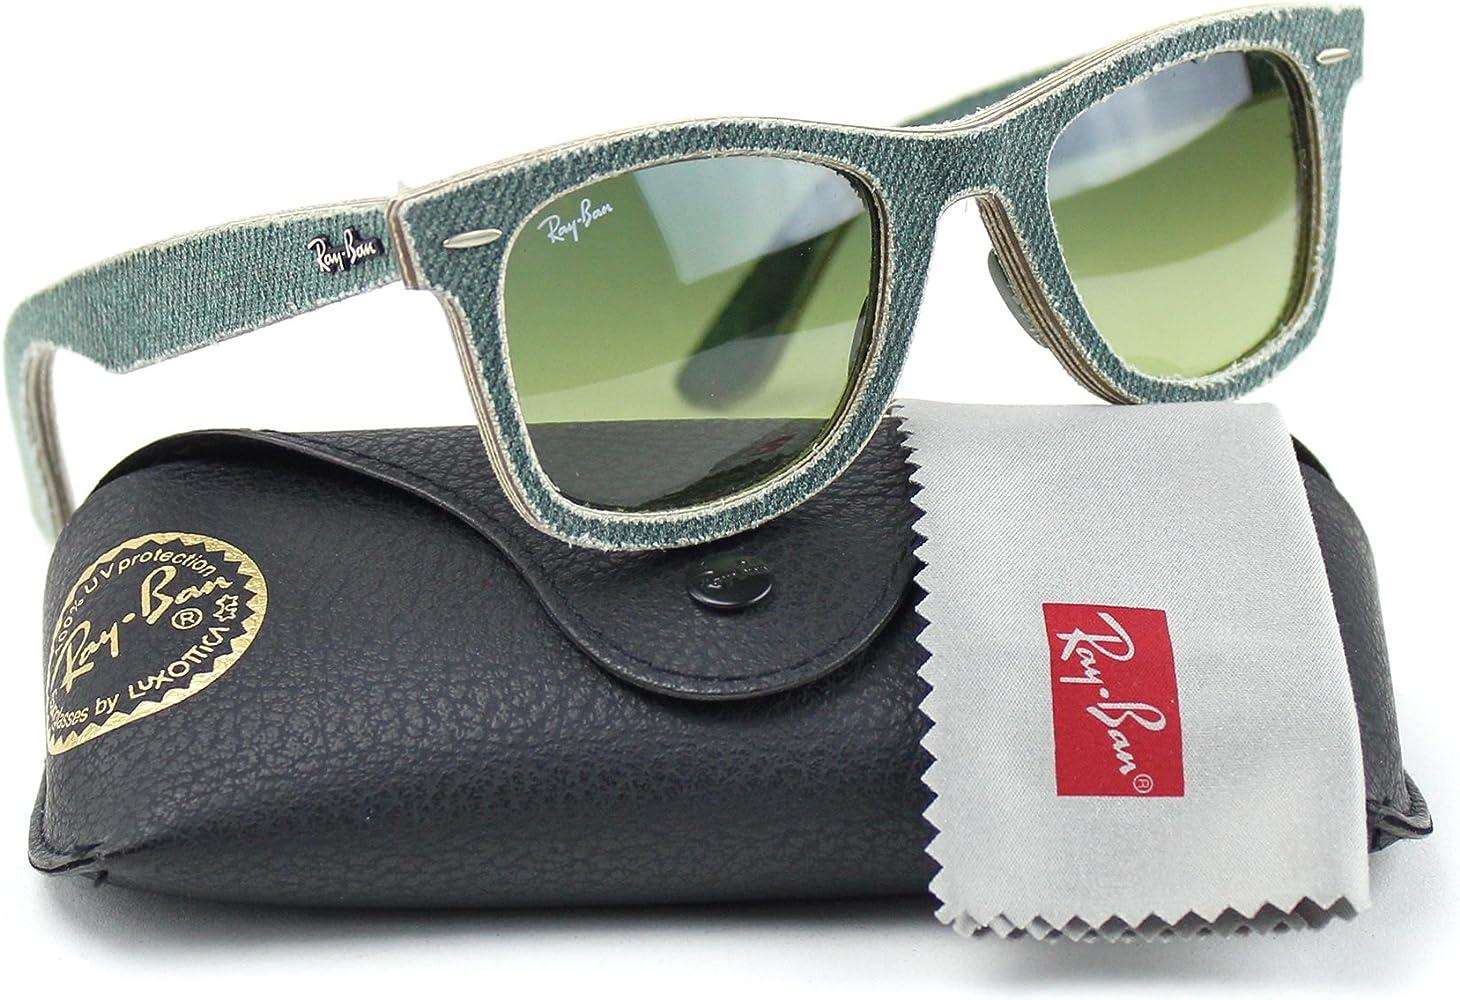 Ray-Ban RB2140 11663M Wayfarer Gafas de sol Verde Jeans Marco/Verde Gradiente Lente 50mm: Amazon.es: Ropa y accesorios